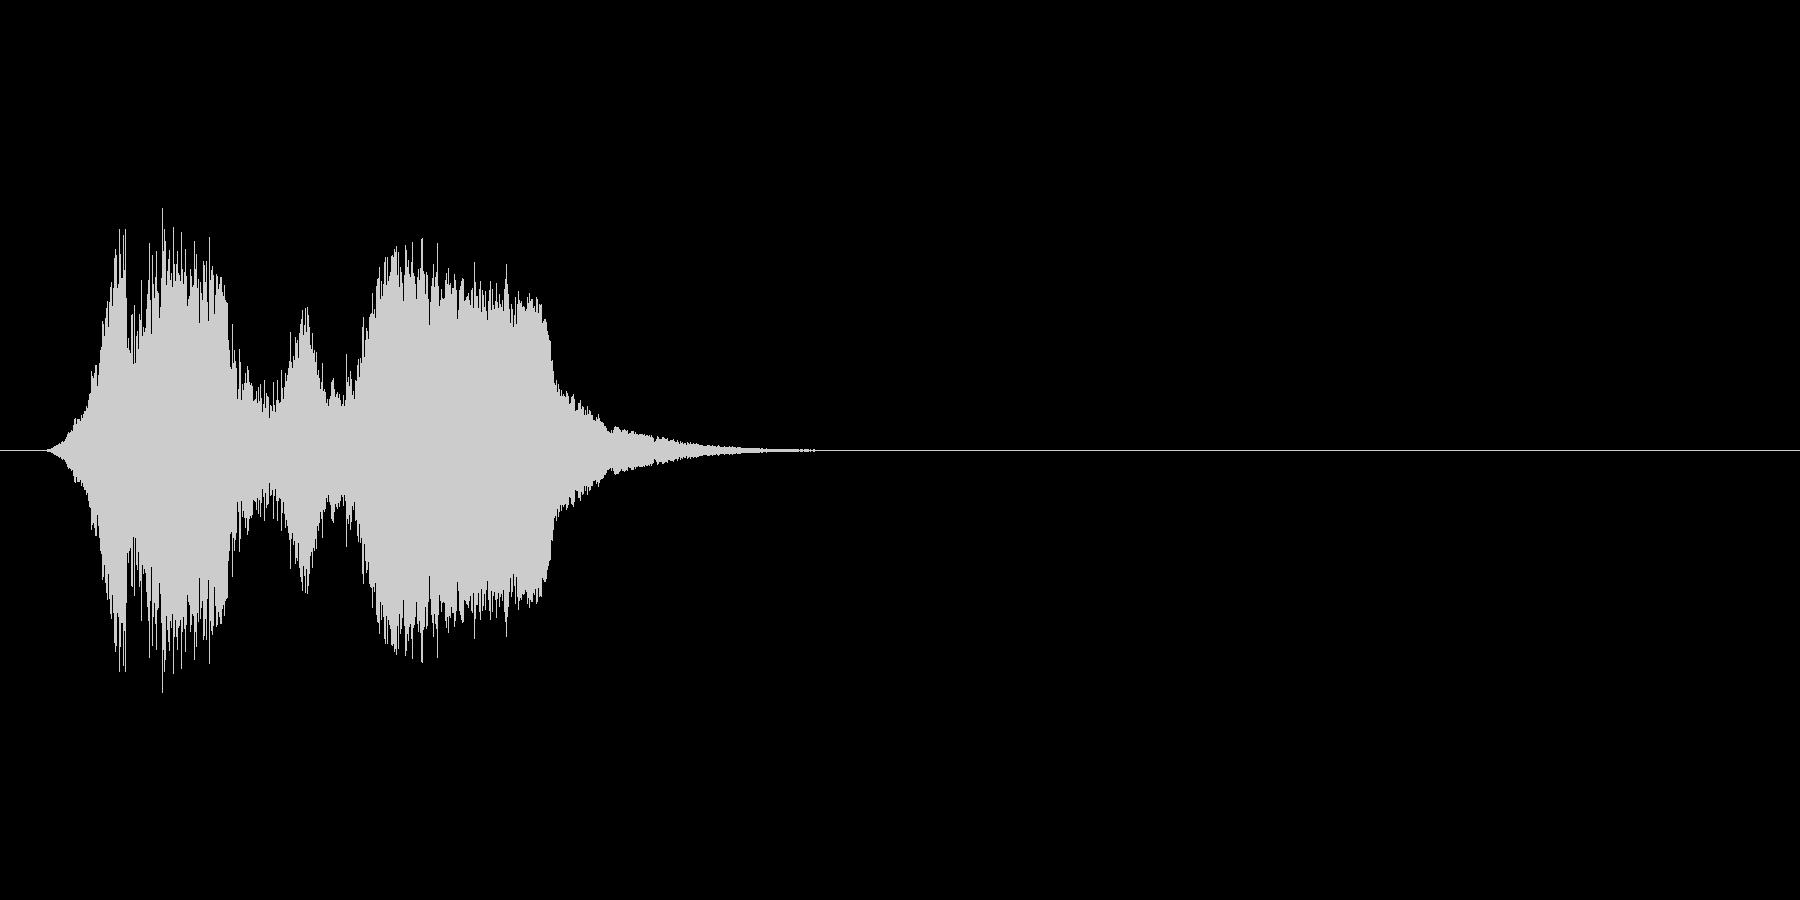 ピュイピュイッ!?(モンスター鳴き声普)の未再生の波形